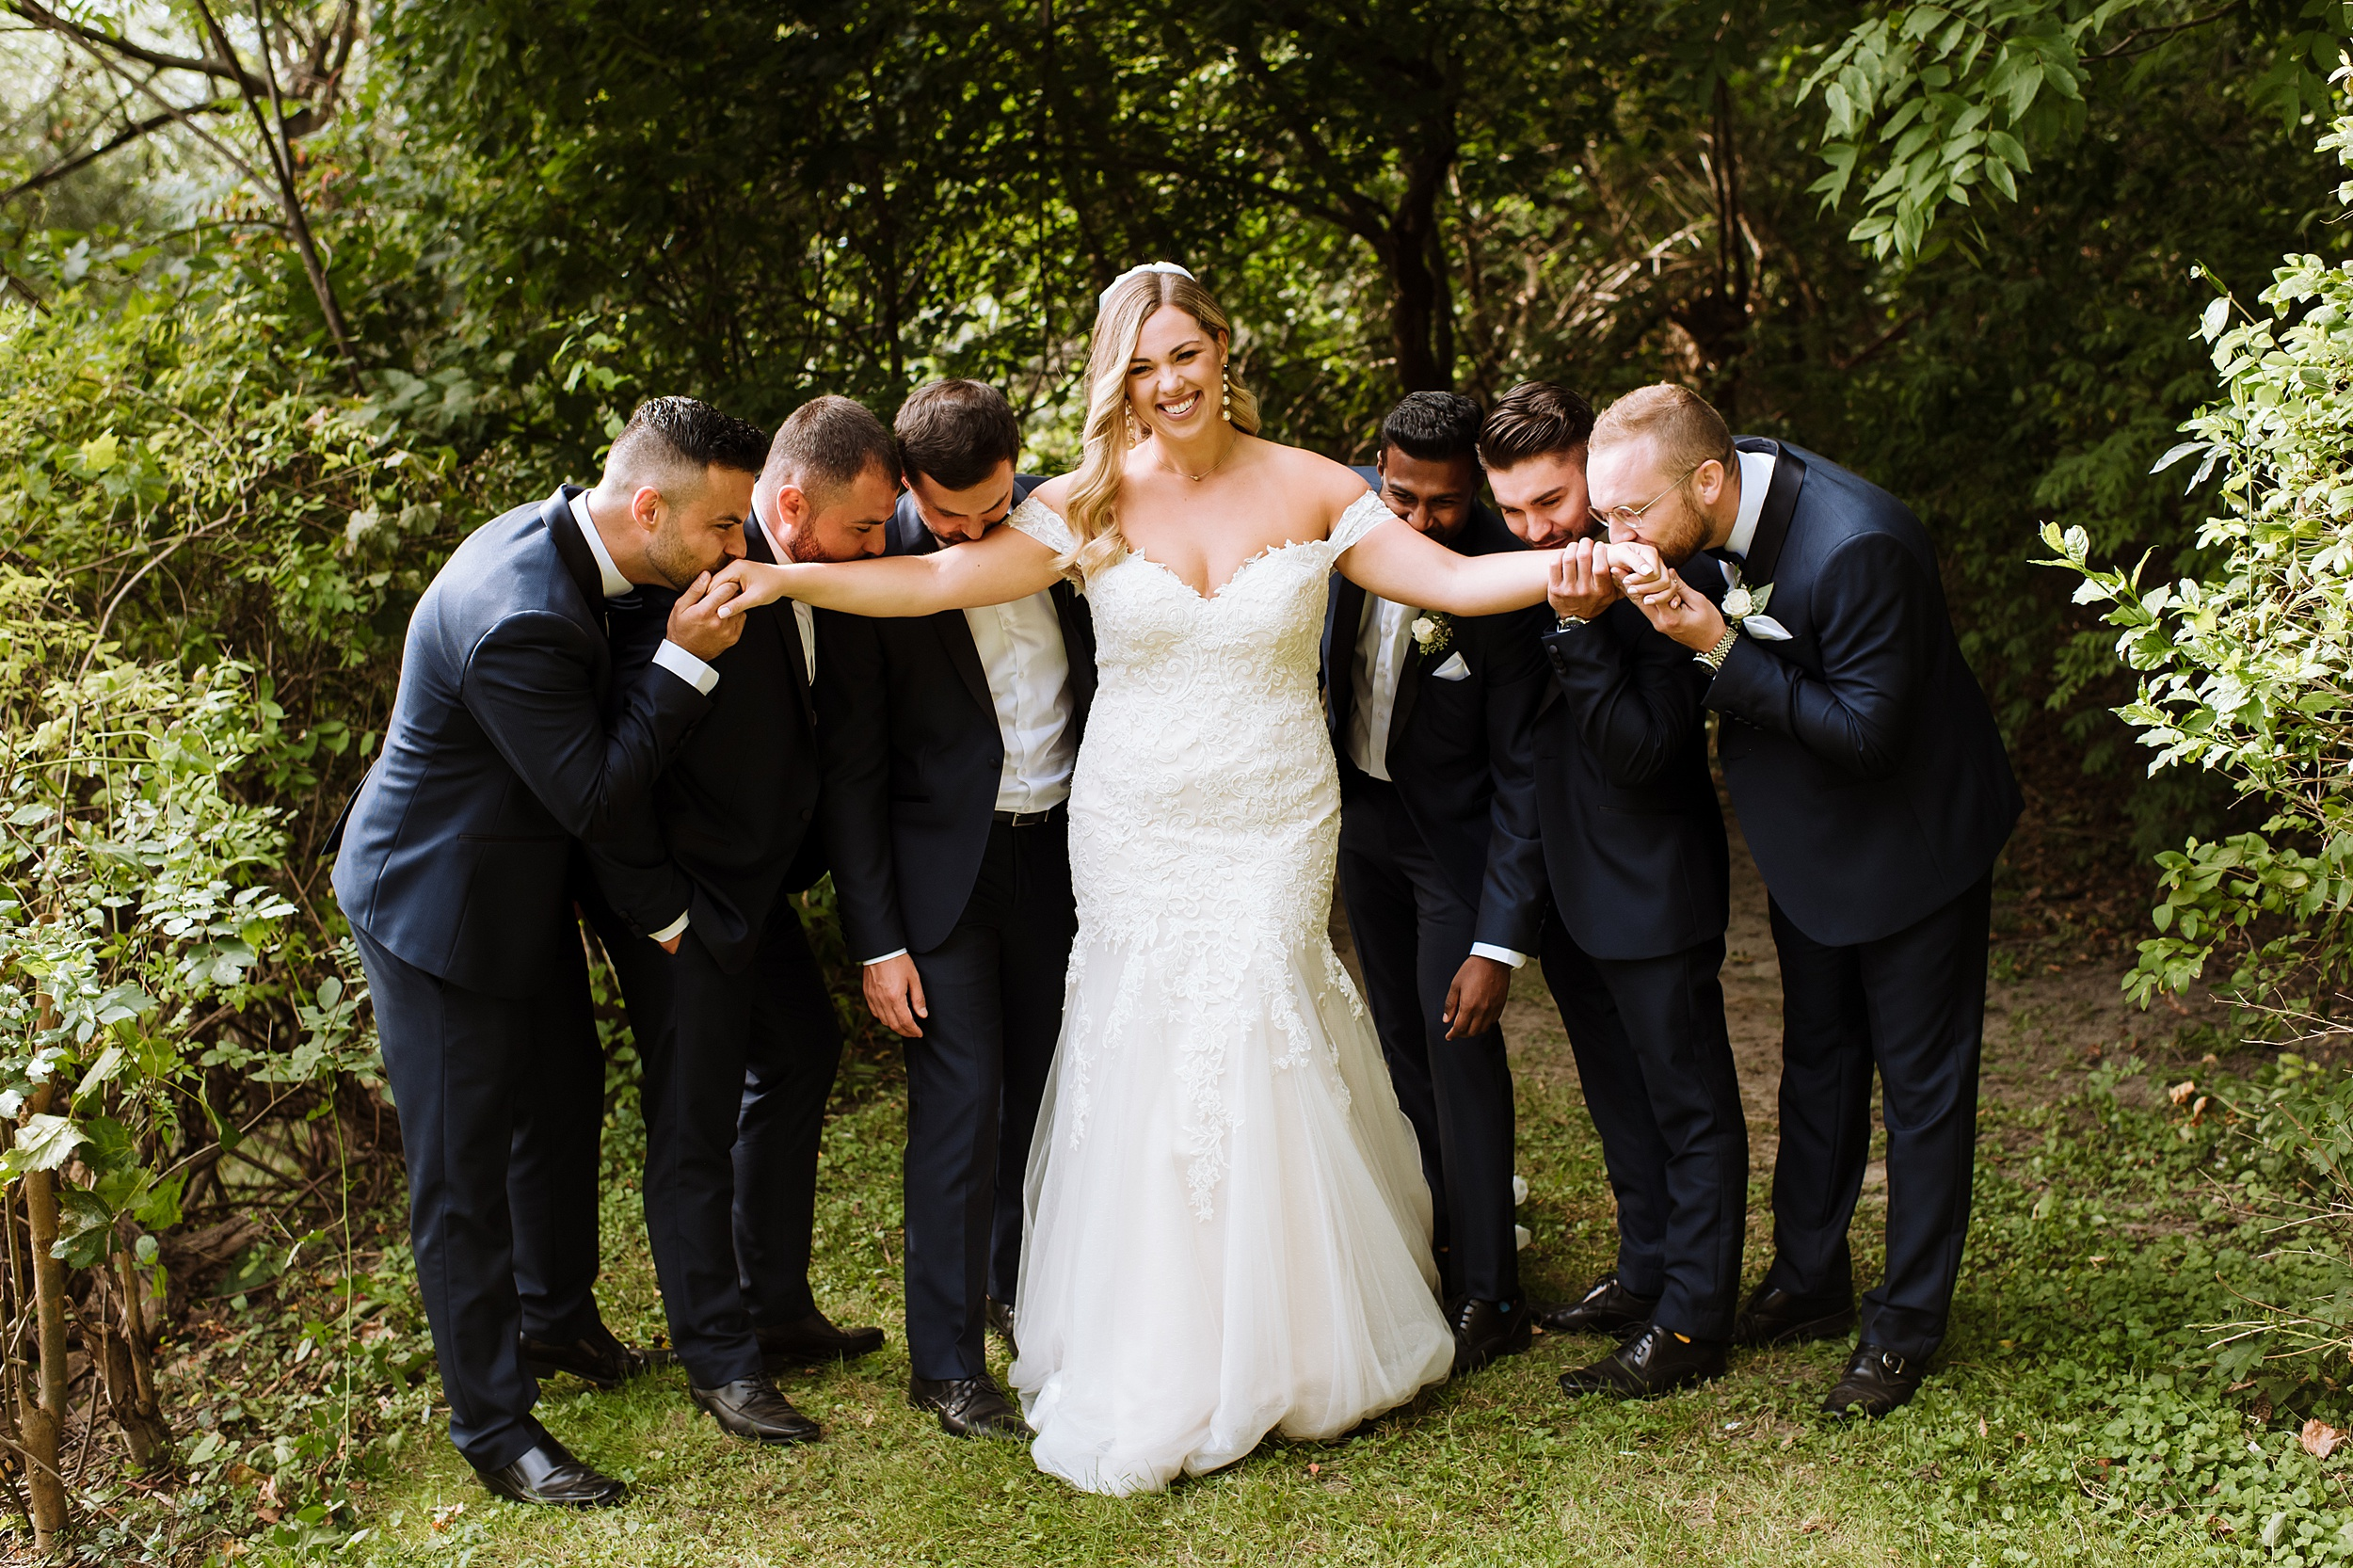 Rustic_Backyard_Wedding_Toronto_Photographer066.jpg